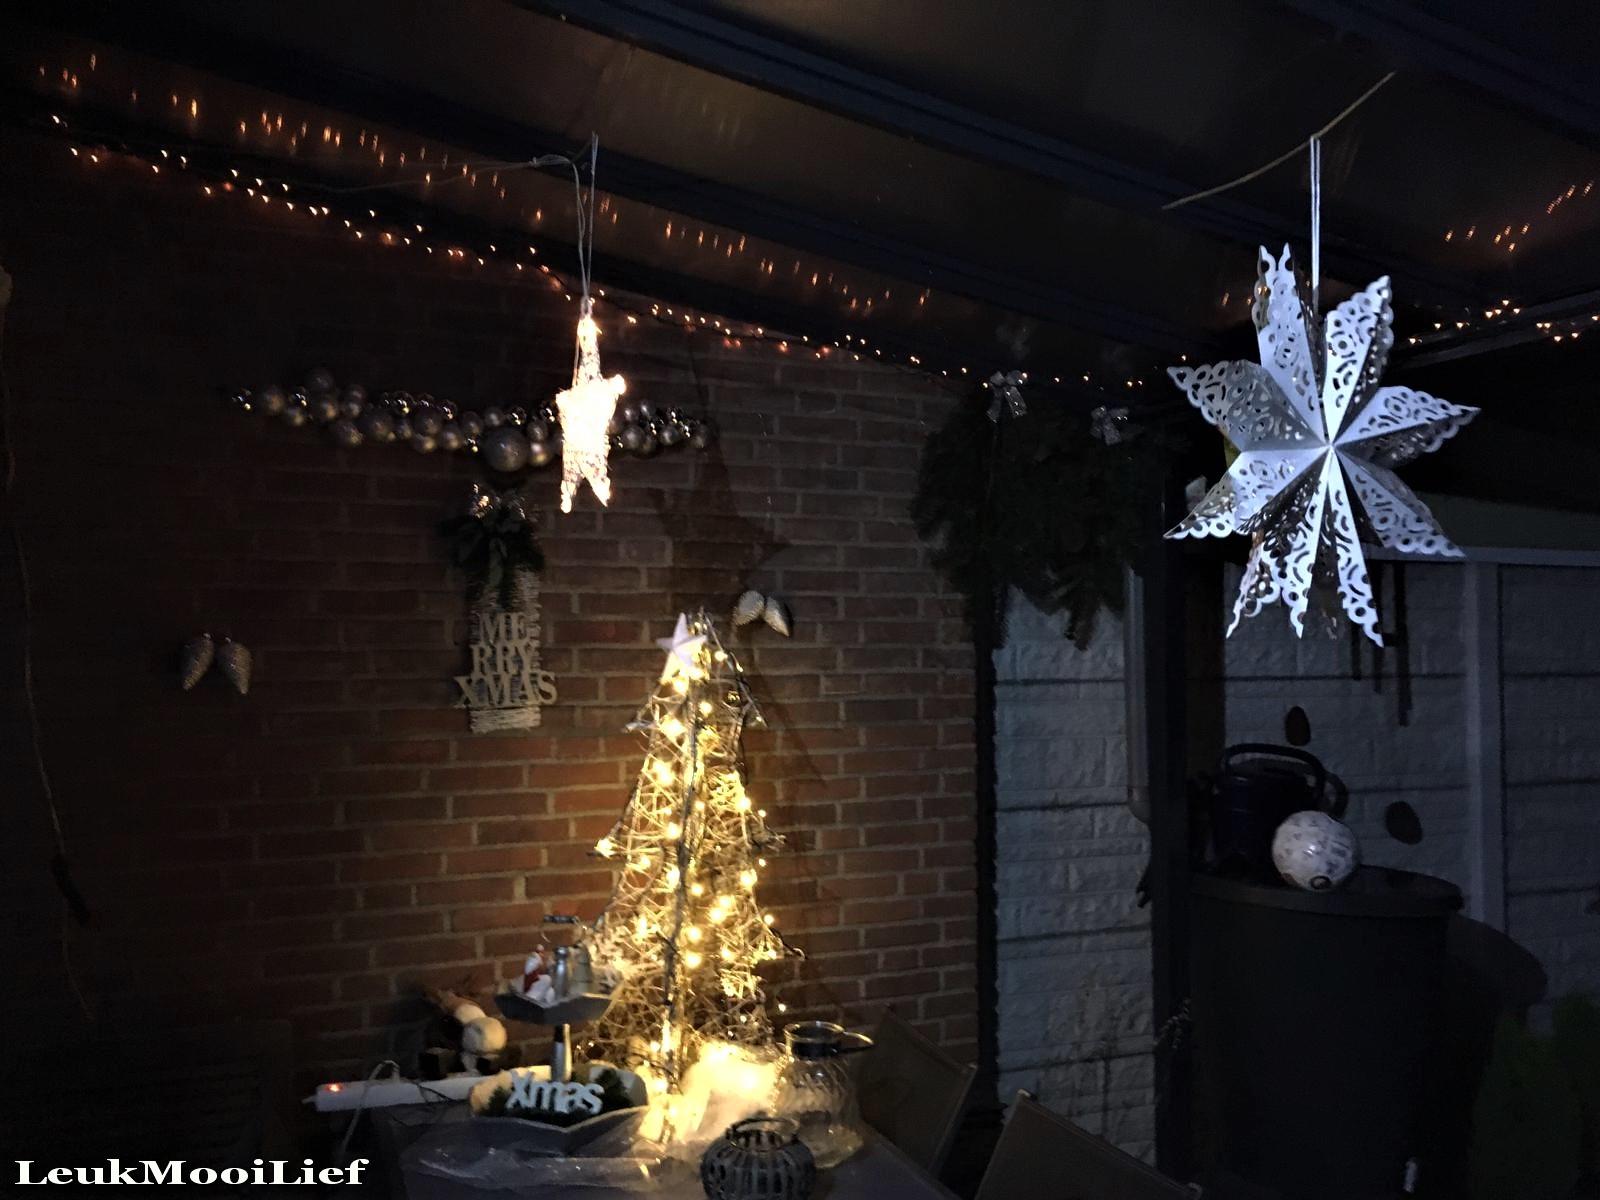 Feestdagen Natuurlijke Kerstdecoratie : Leuk mooi lief kerstdecoratie binnen buiten